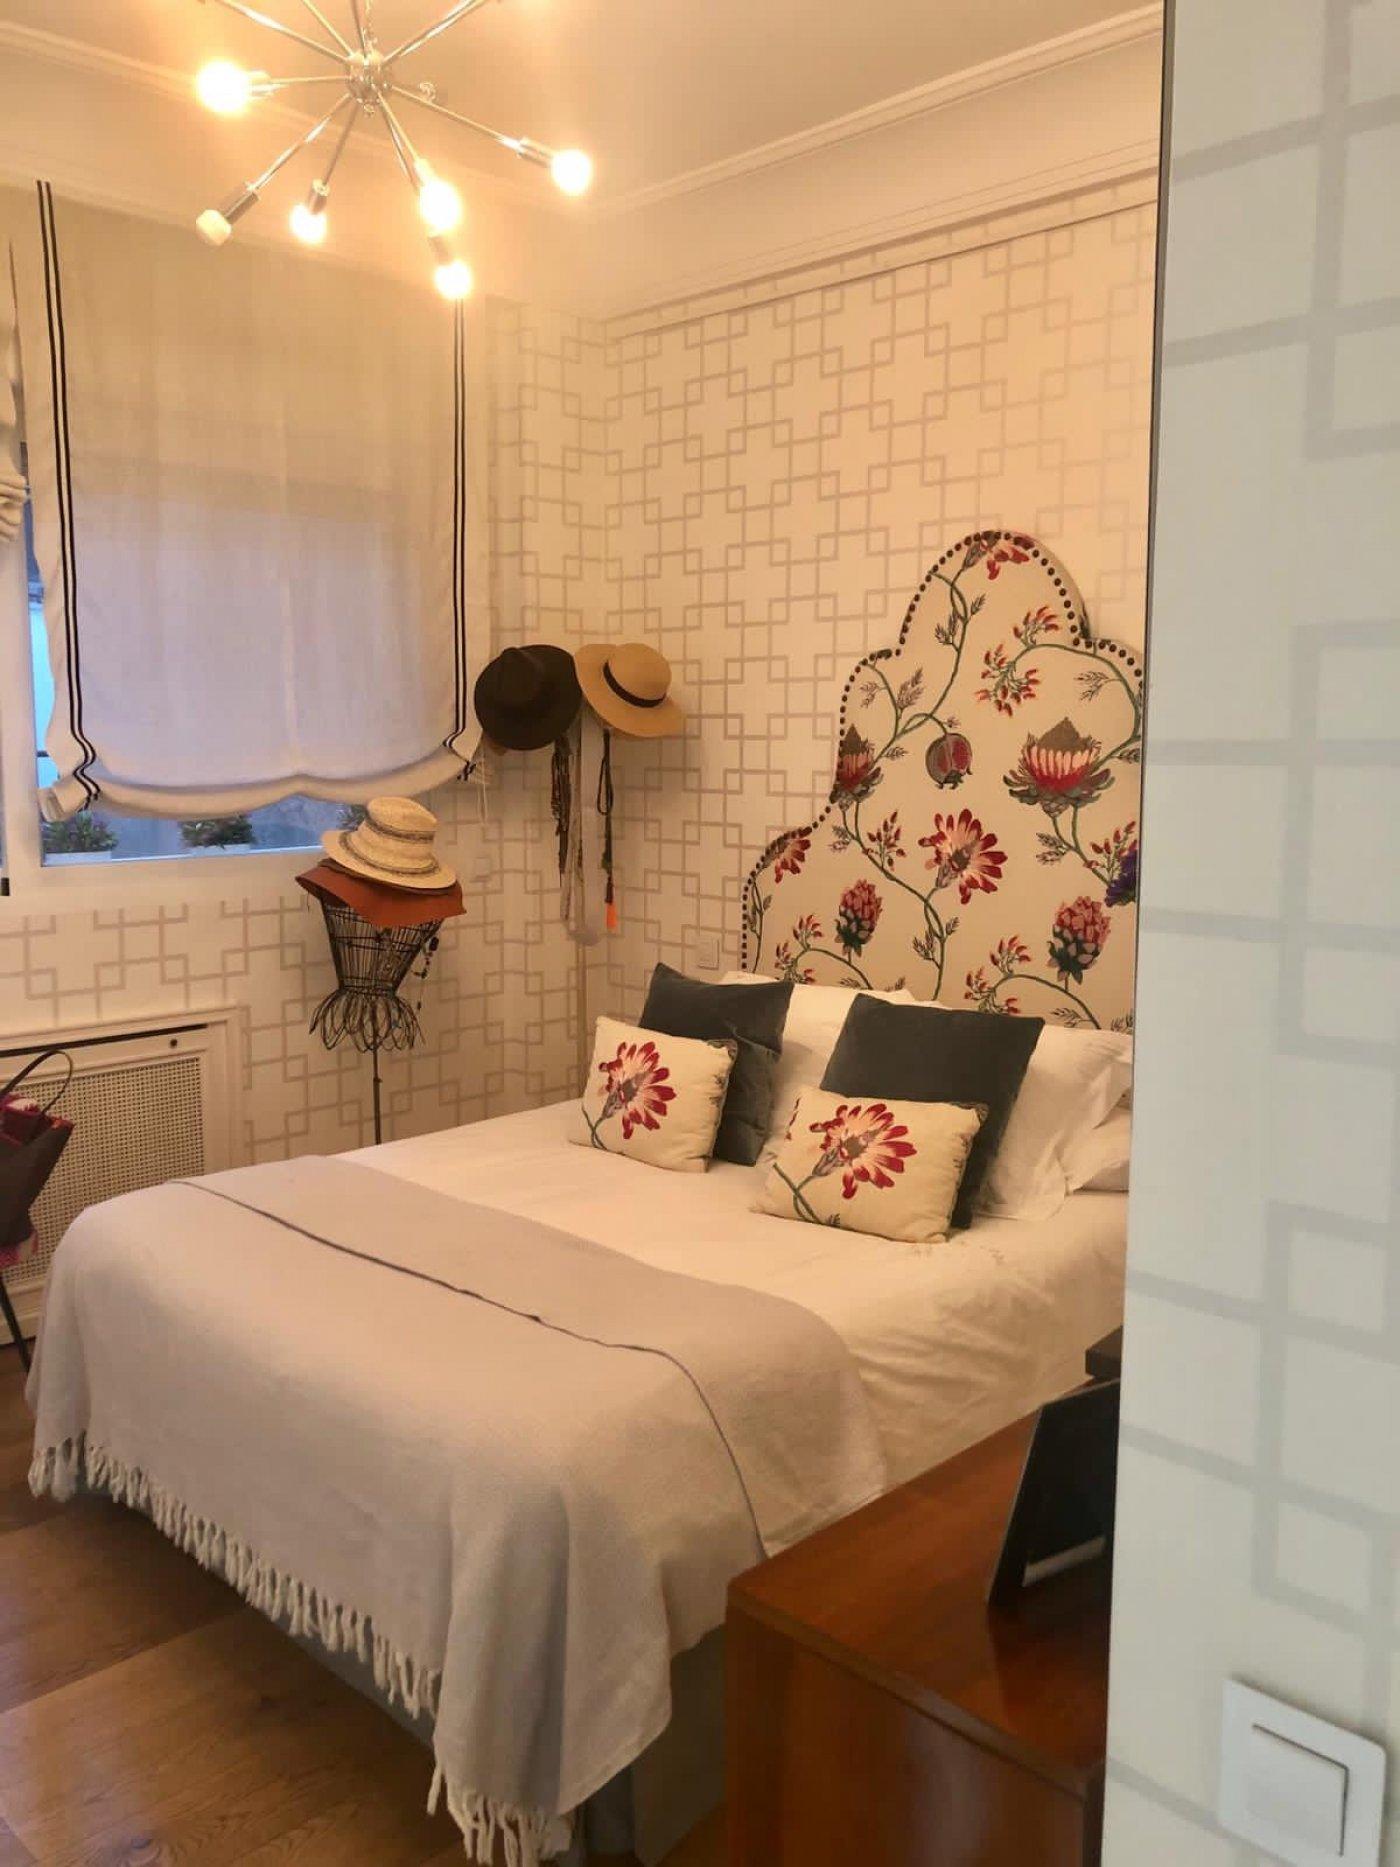 Venta de piso en madrid - imagenInmueble21